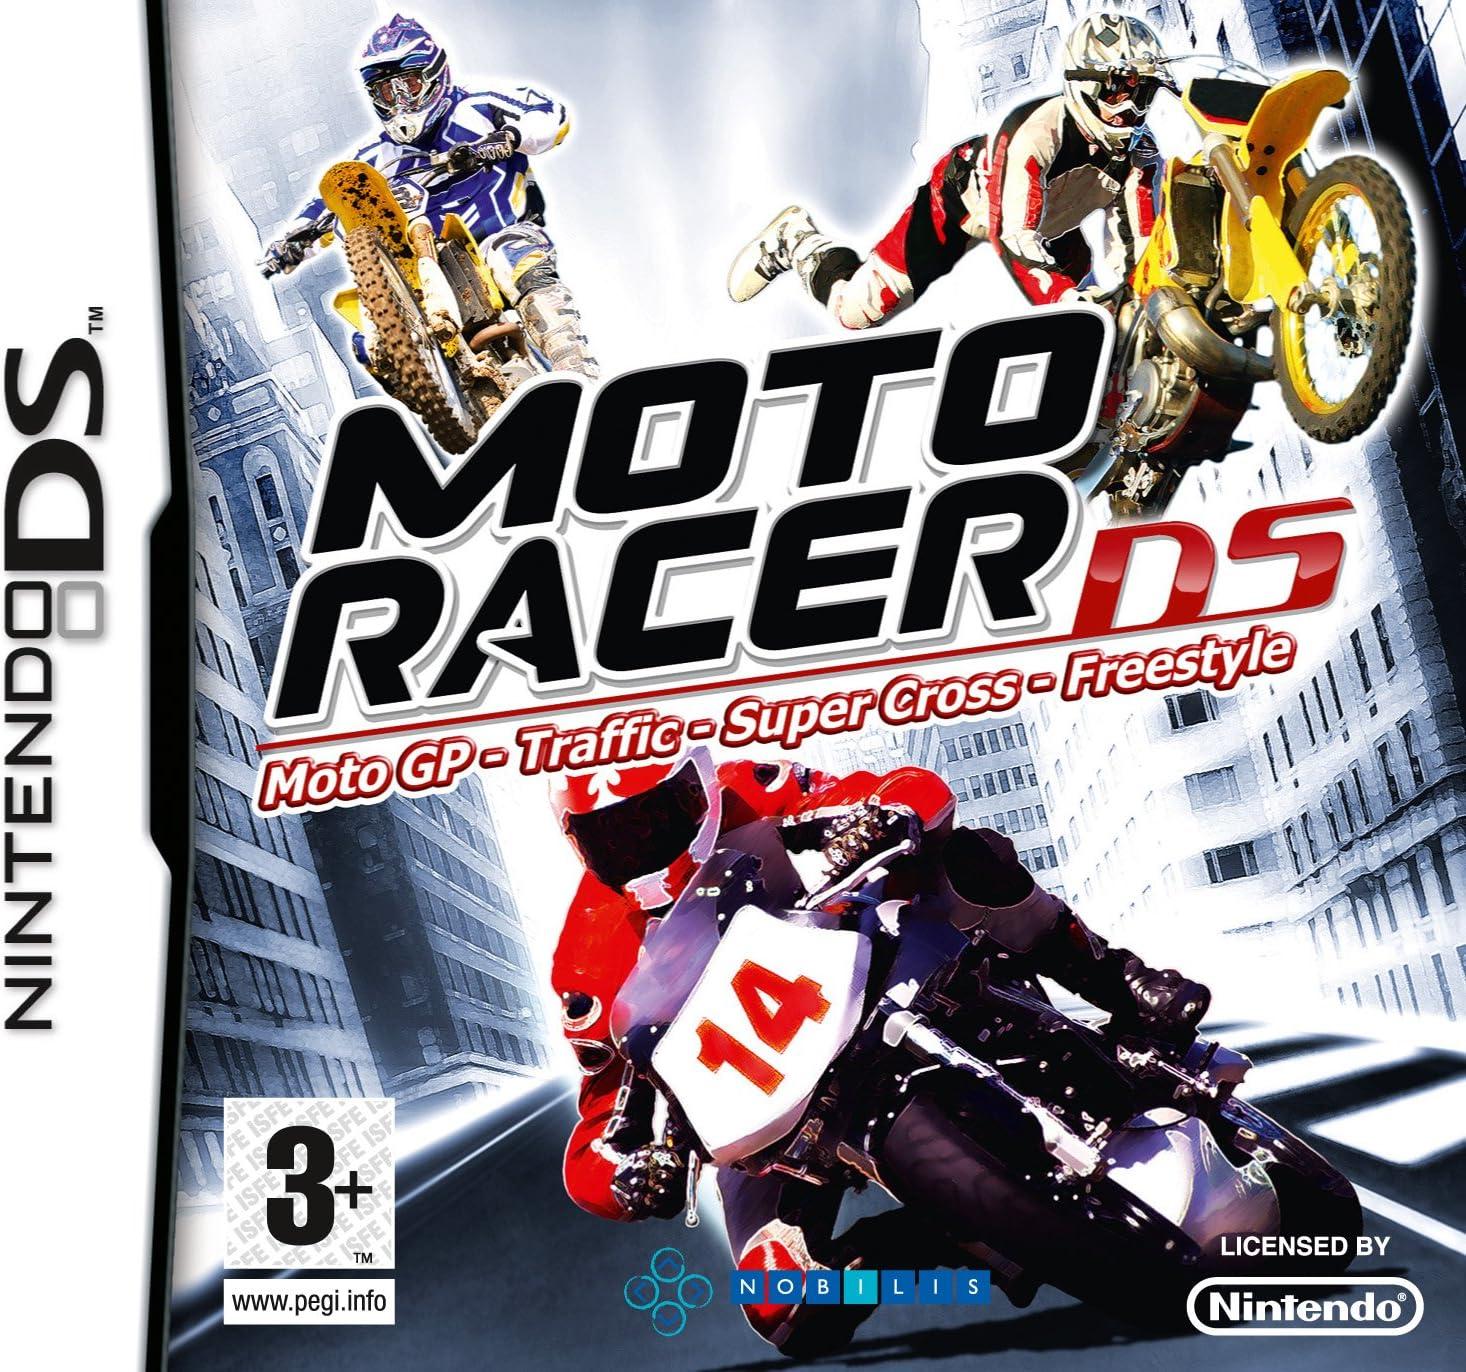 MOTO RACER / Nintendo DS Juego EN ESPANOL Compatible Nintendo DS LITE-DSI-3DS-2DS-3DS XL-2DS XL ** ENTREGA 2/3 DÍAS LABORABLES + NÚMERO DE SEGUIMIENTO **: Amazon.es: Videojuegos